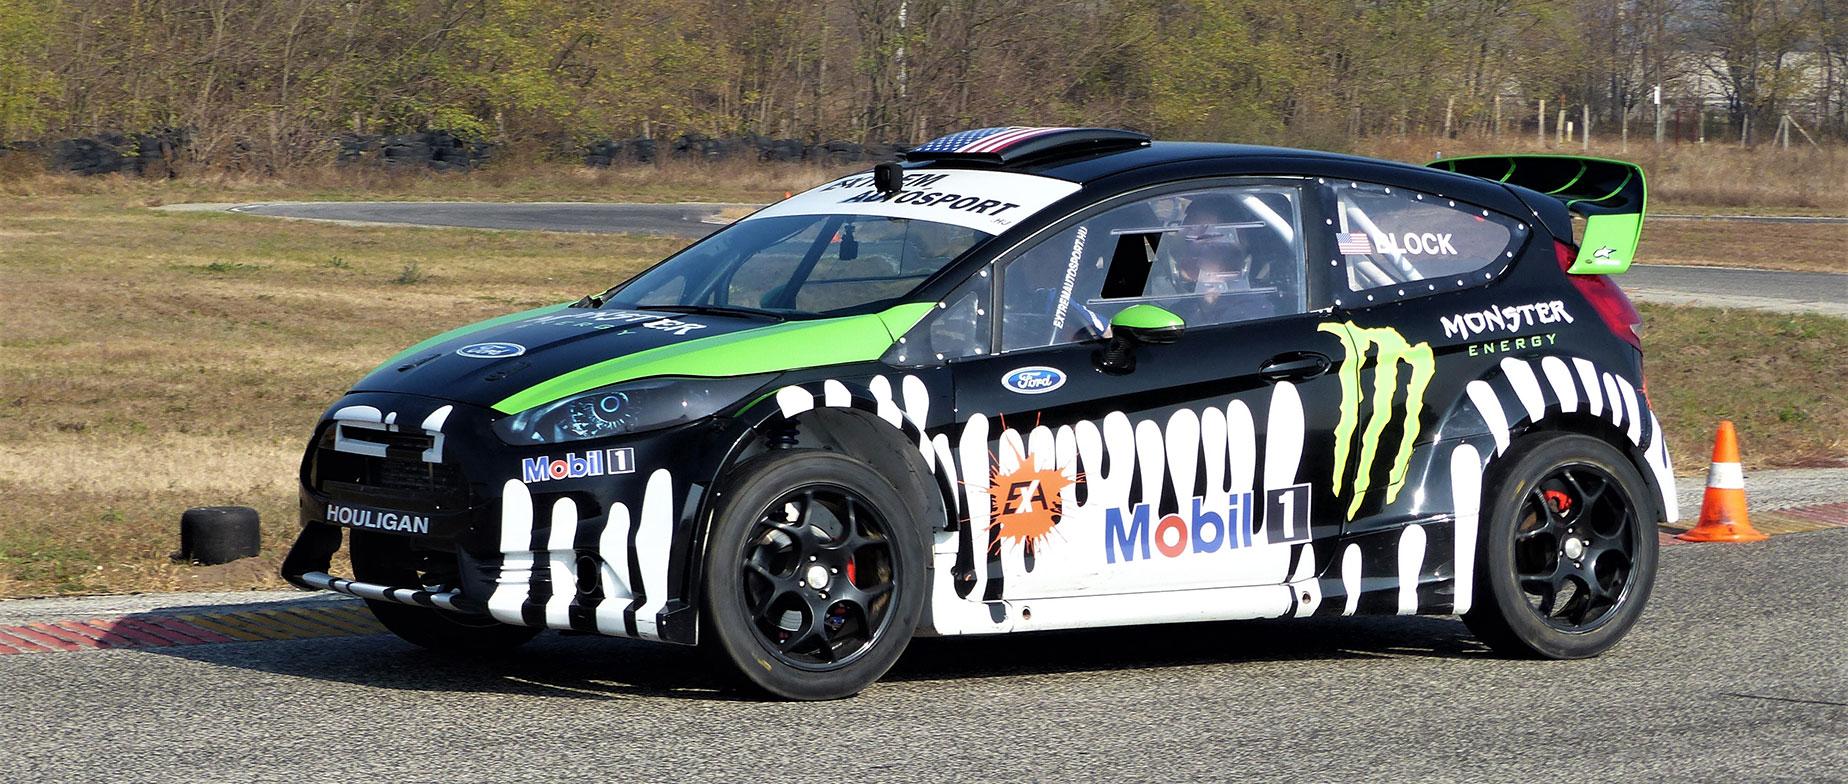 Ford Fiesta élményvezetés a Kakucsringen